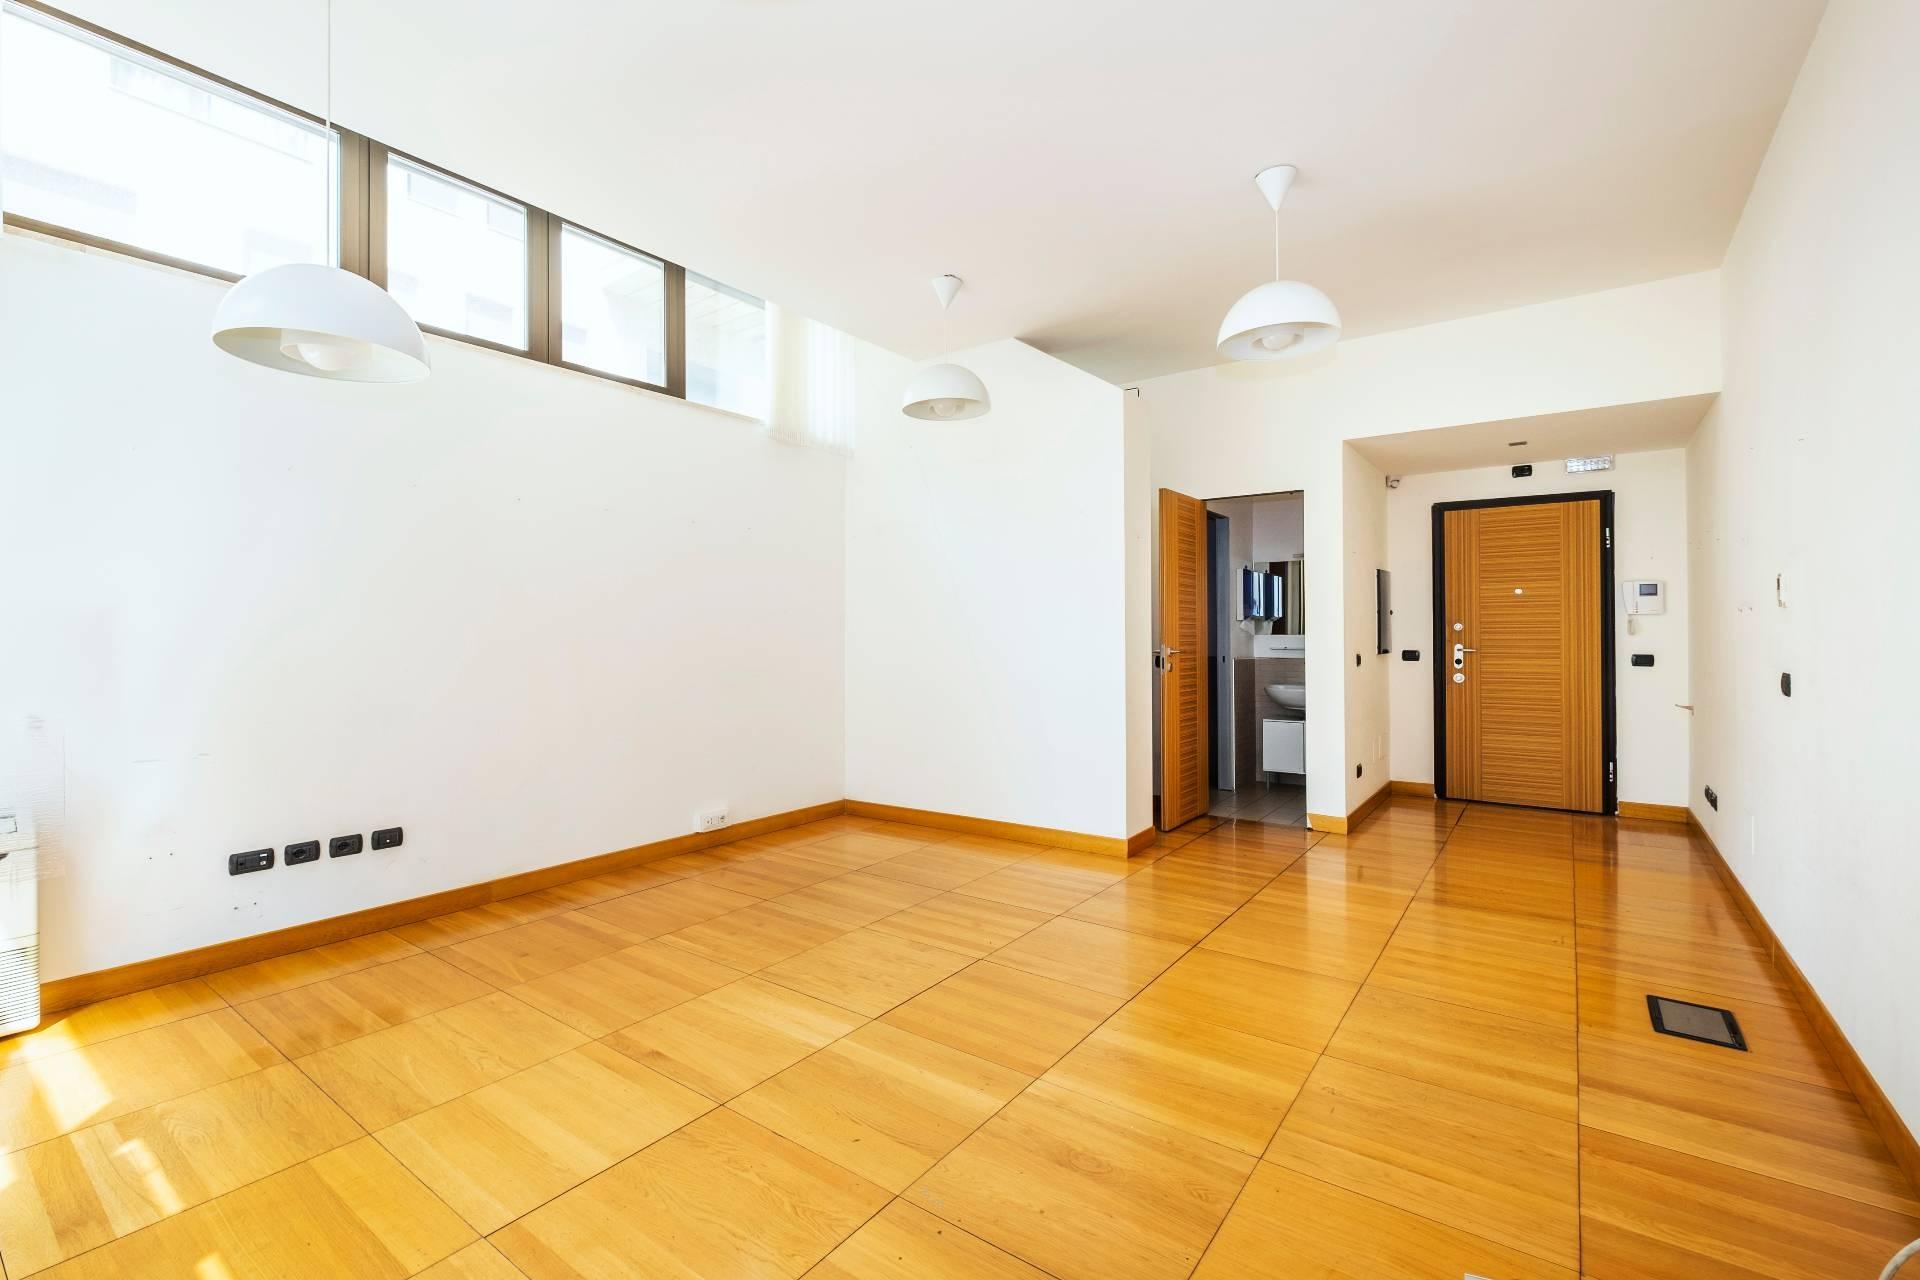 Appartamento in Vendita a Roma: 2 locali, 43 mq - Foto 6